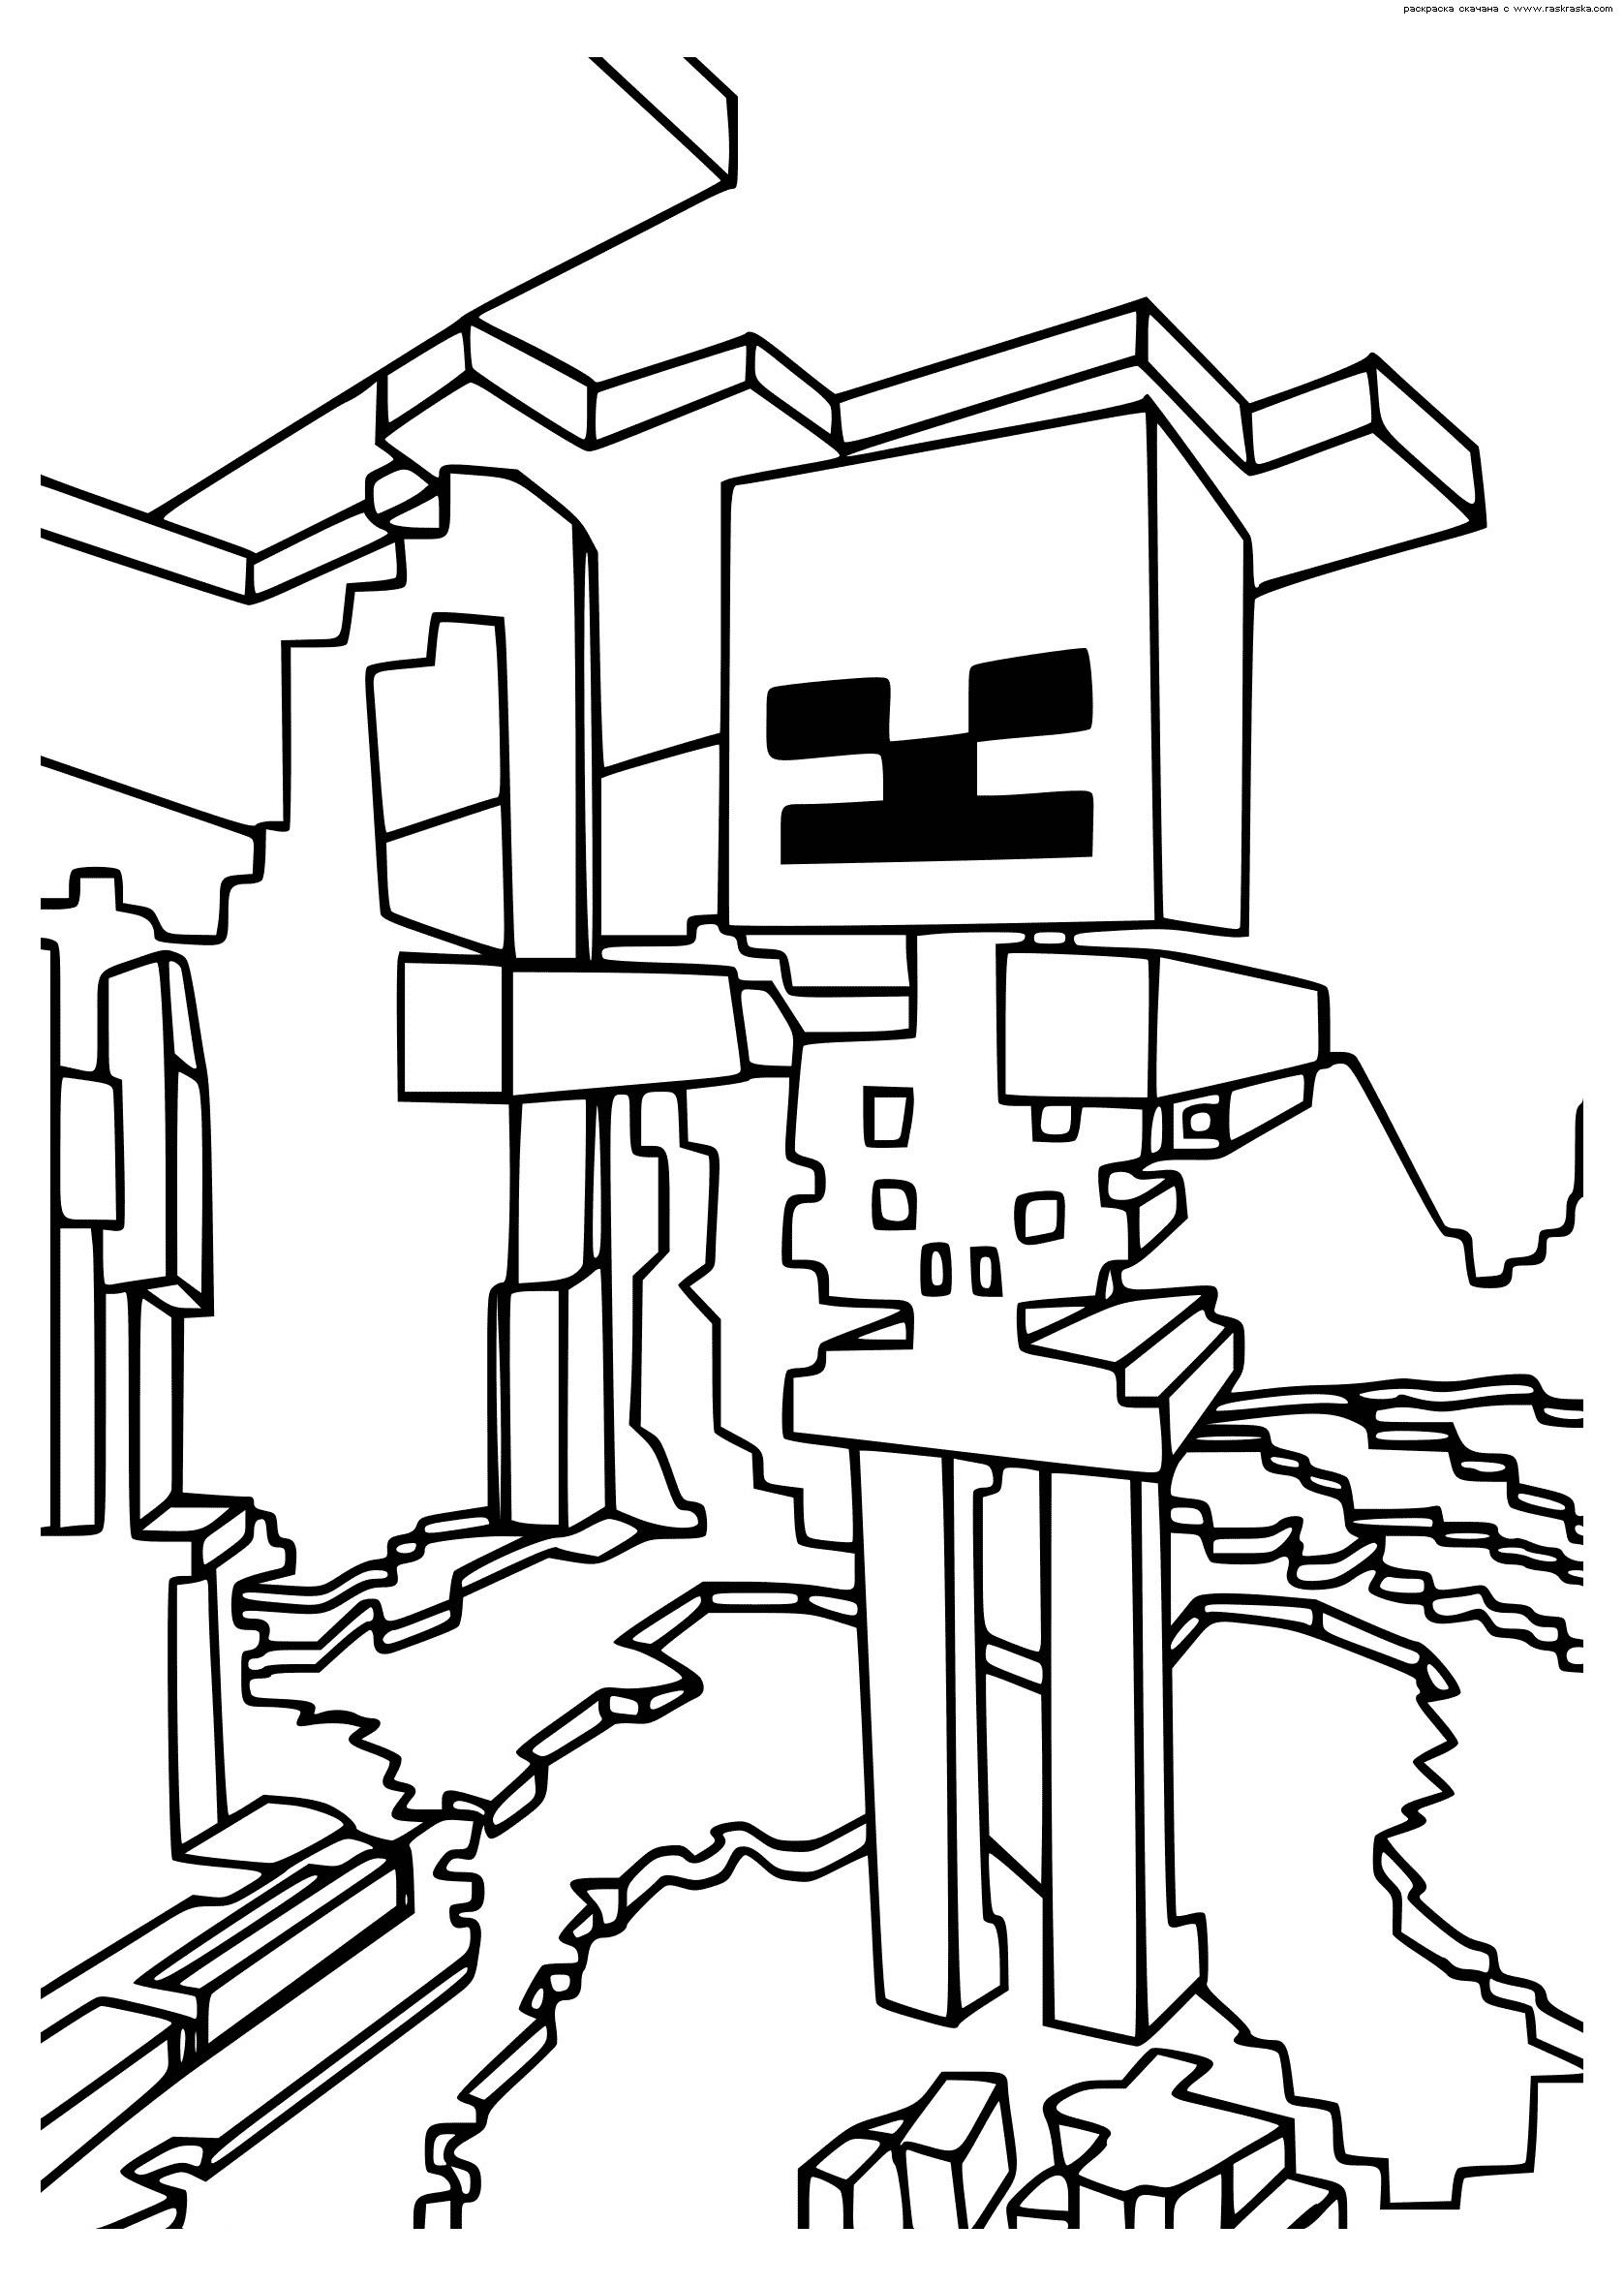 раскраска лего майнкрафт #8